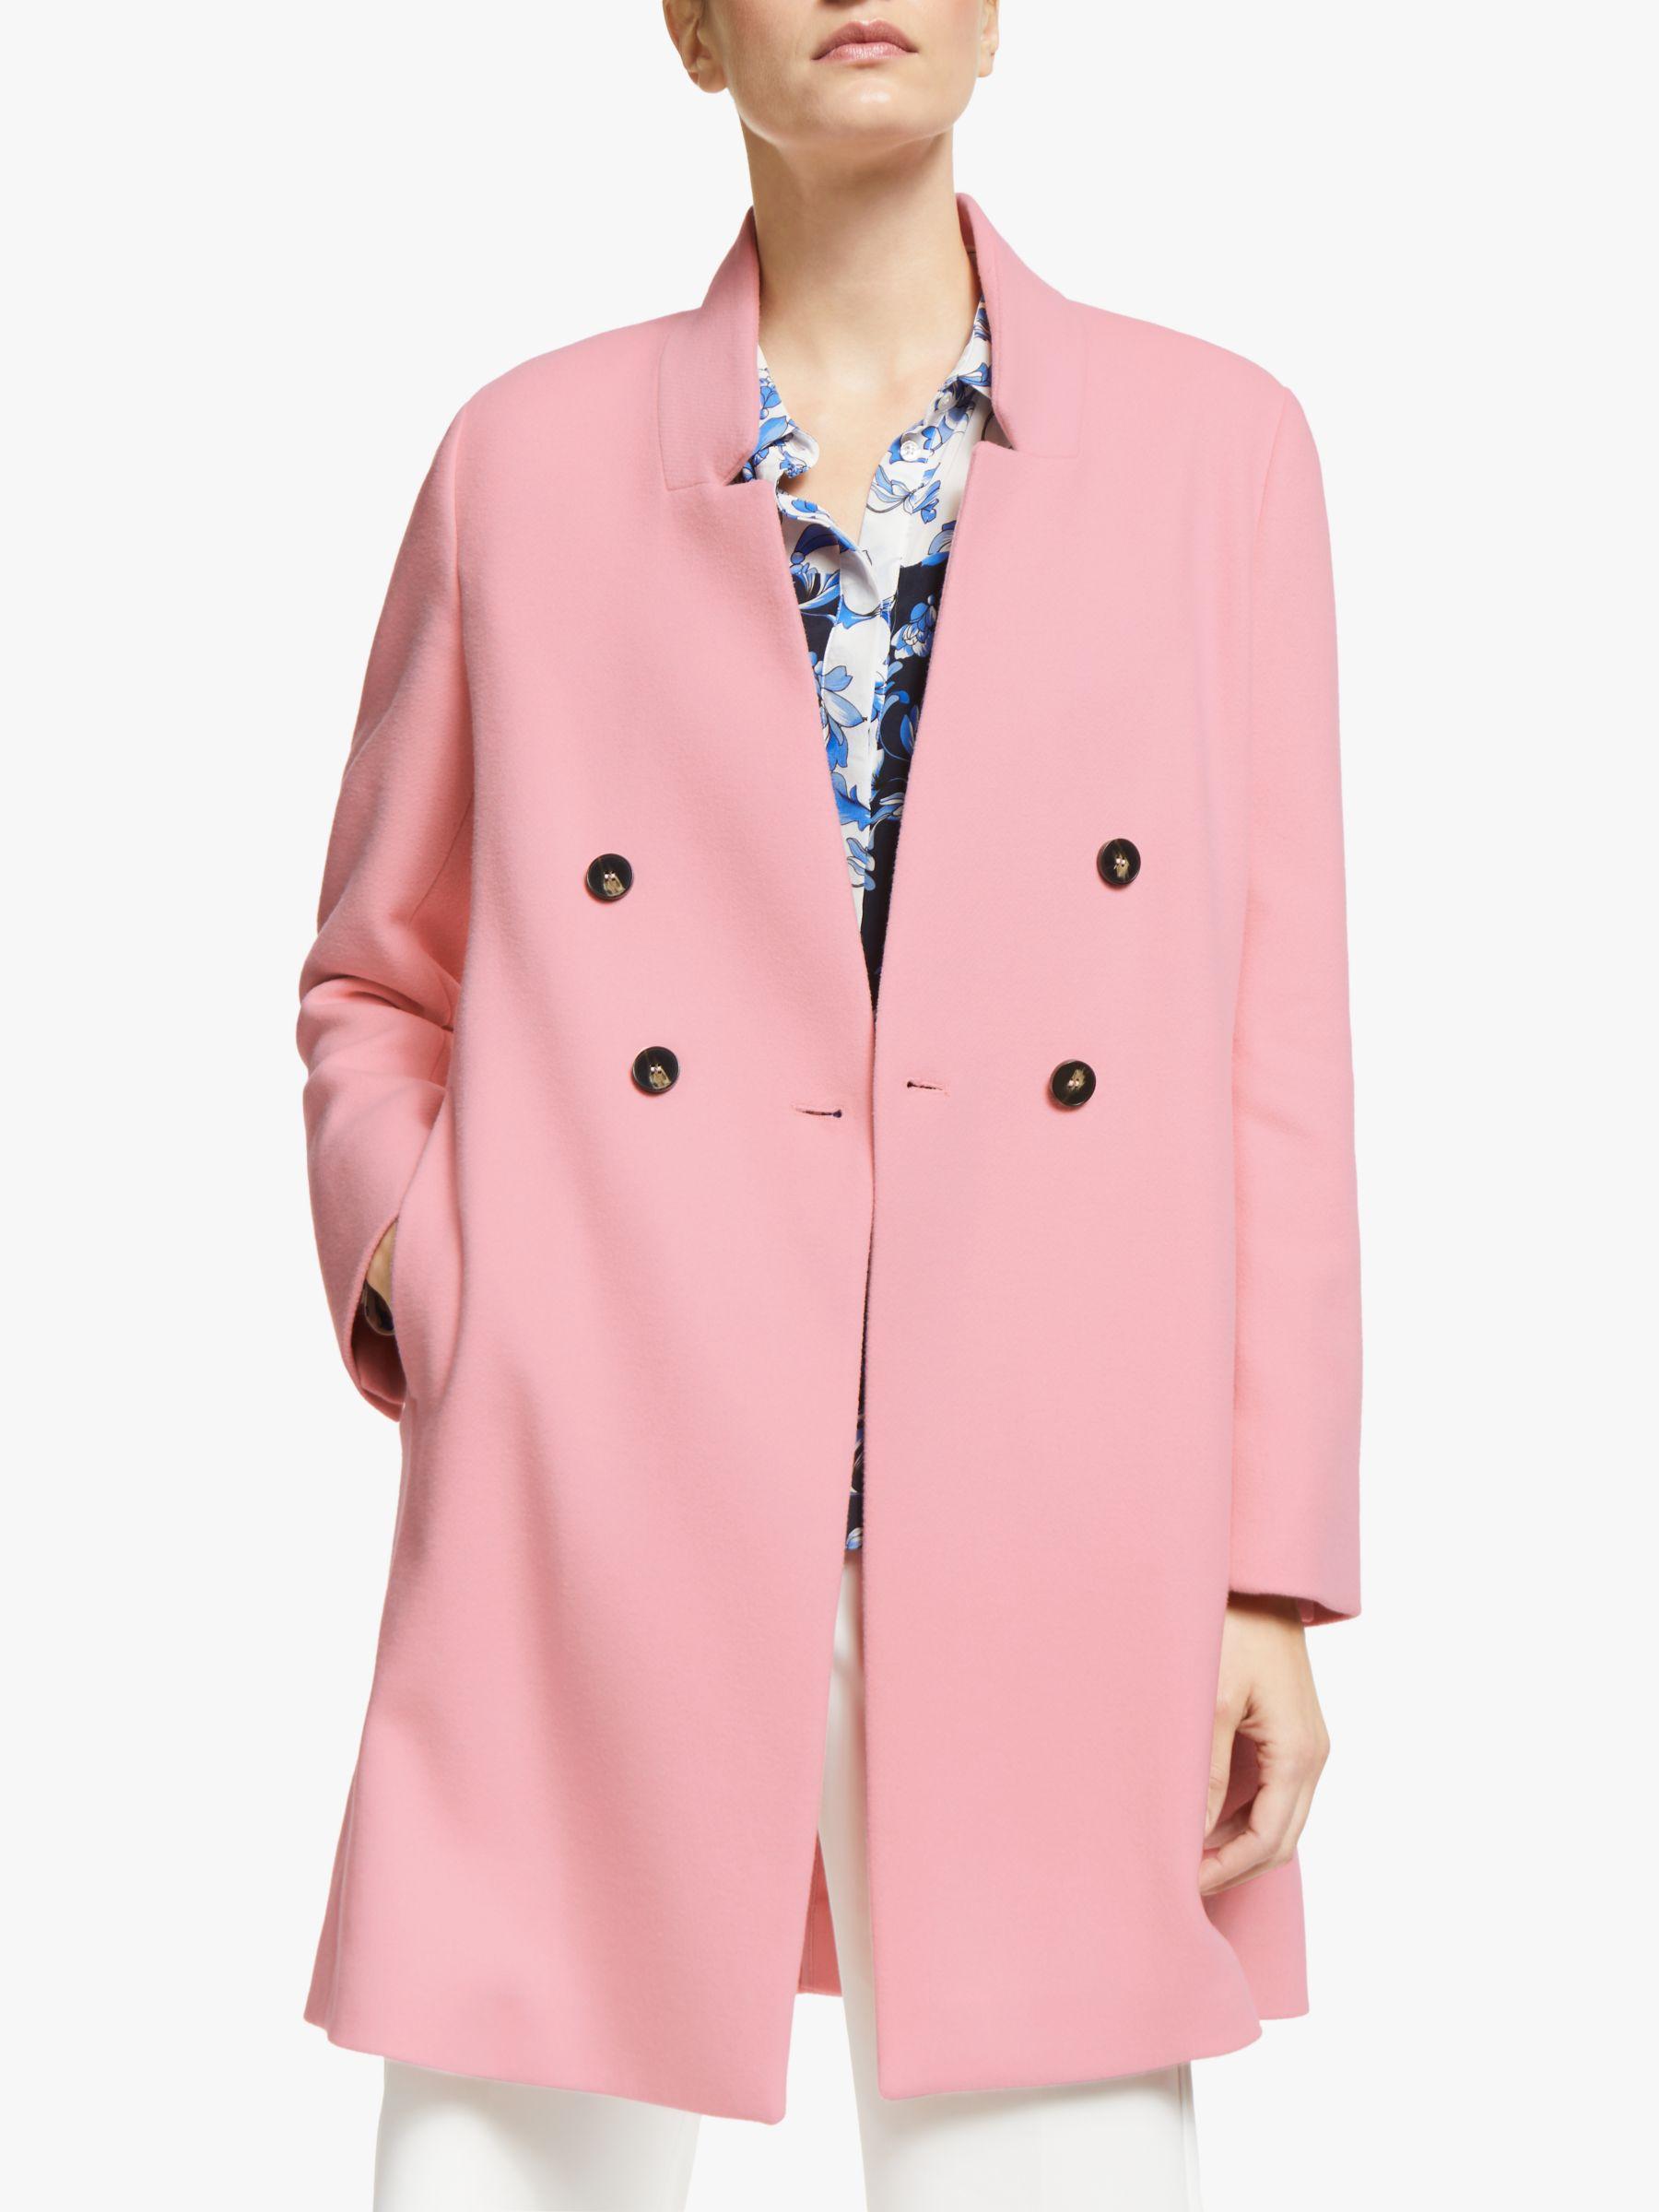 Marella Marella Muriel Coat, Pink